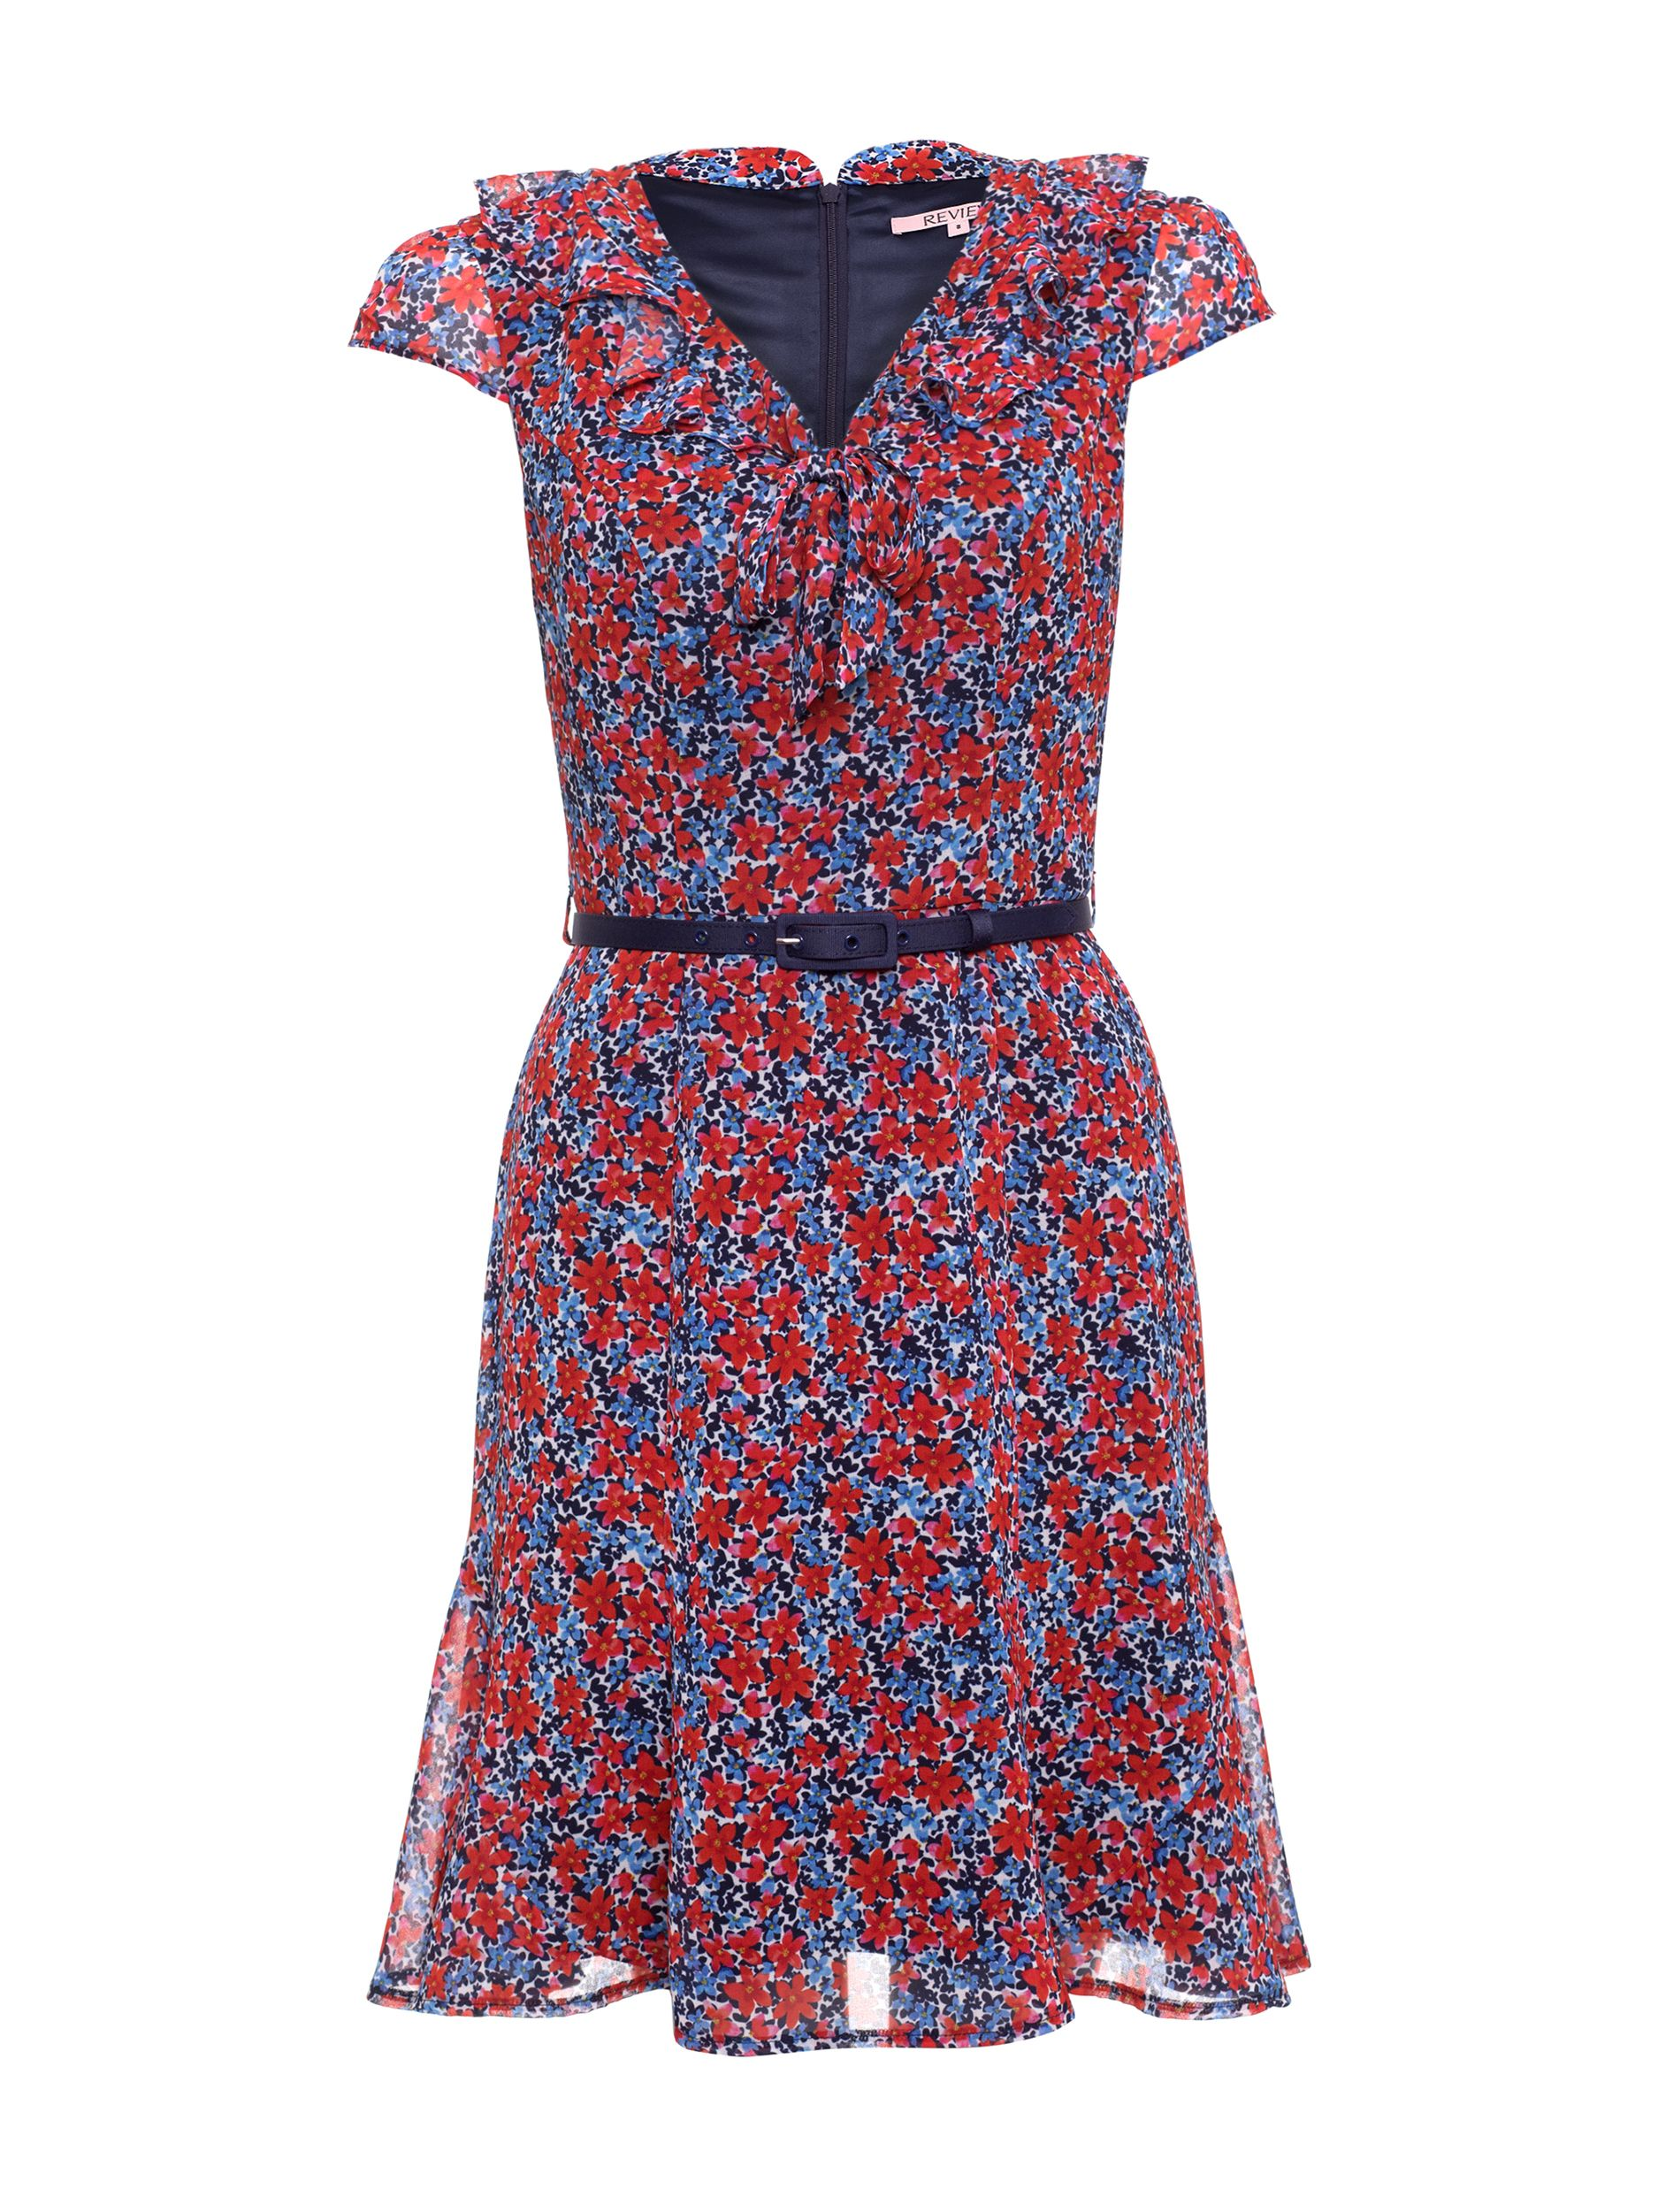 Lois Floral Dress